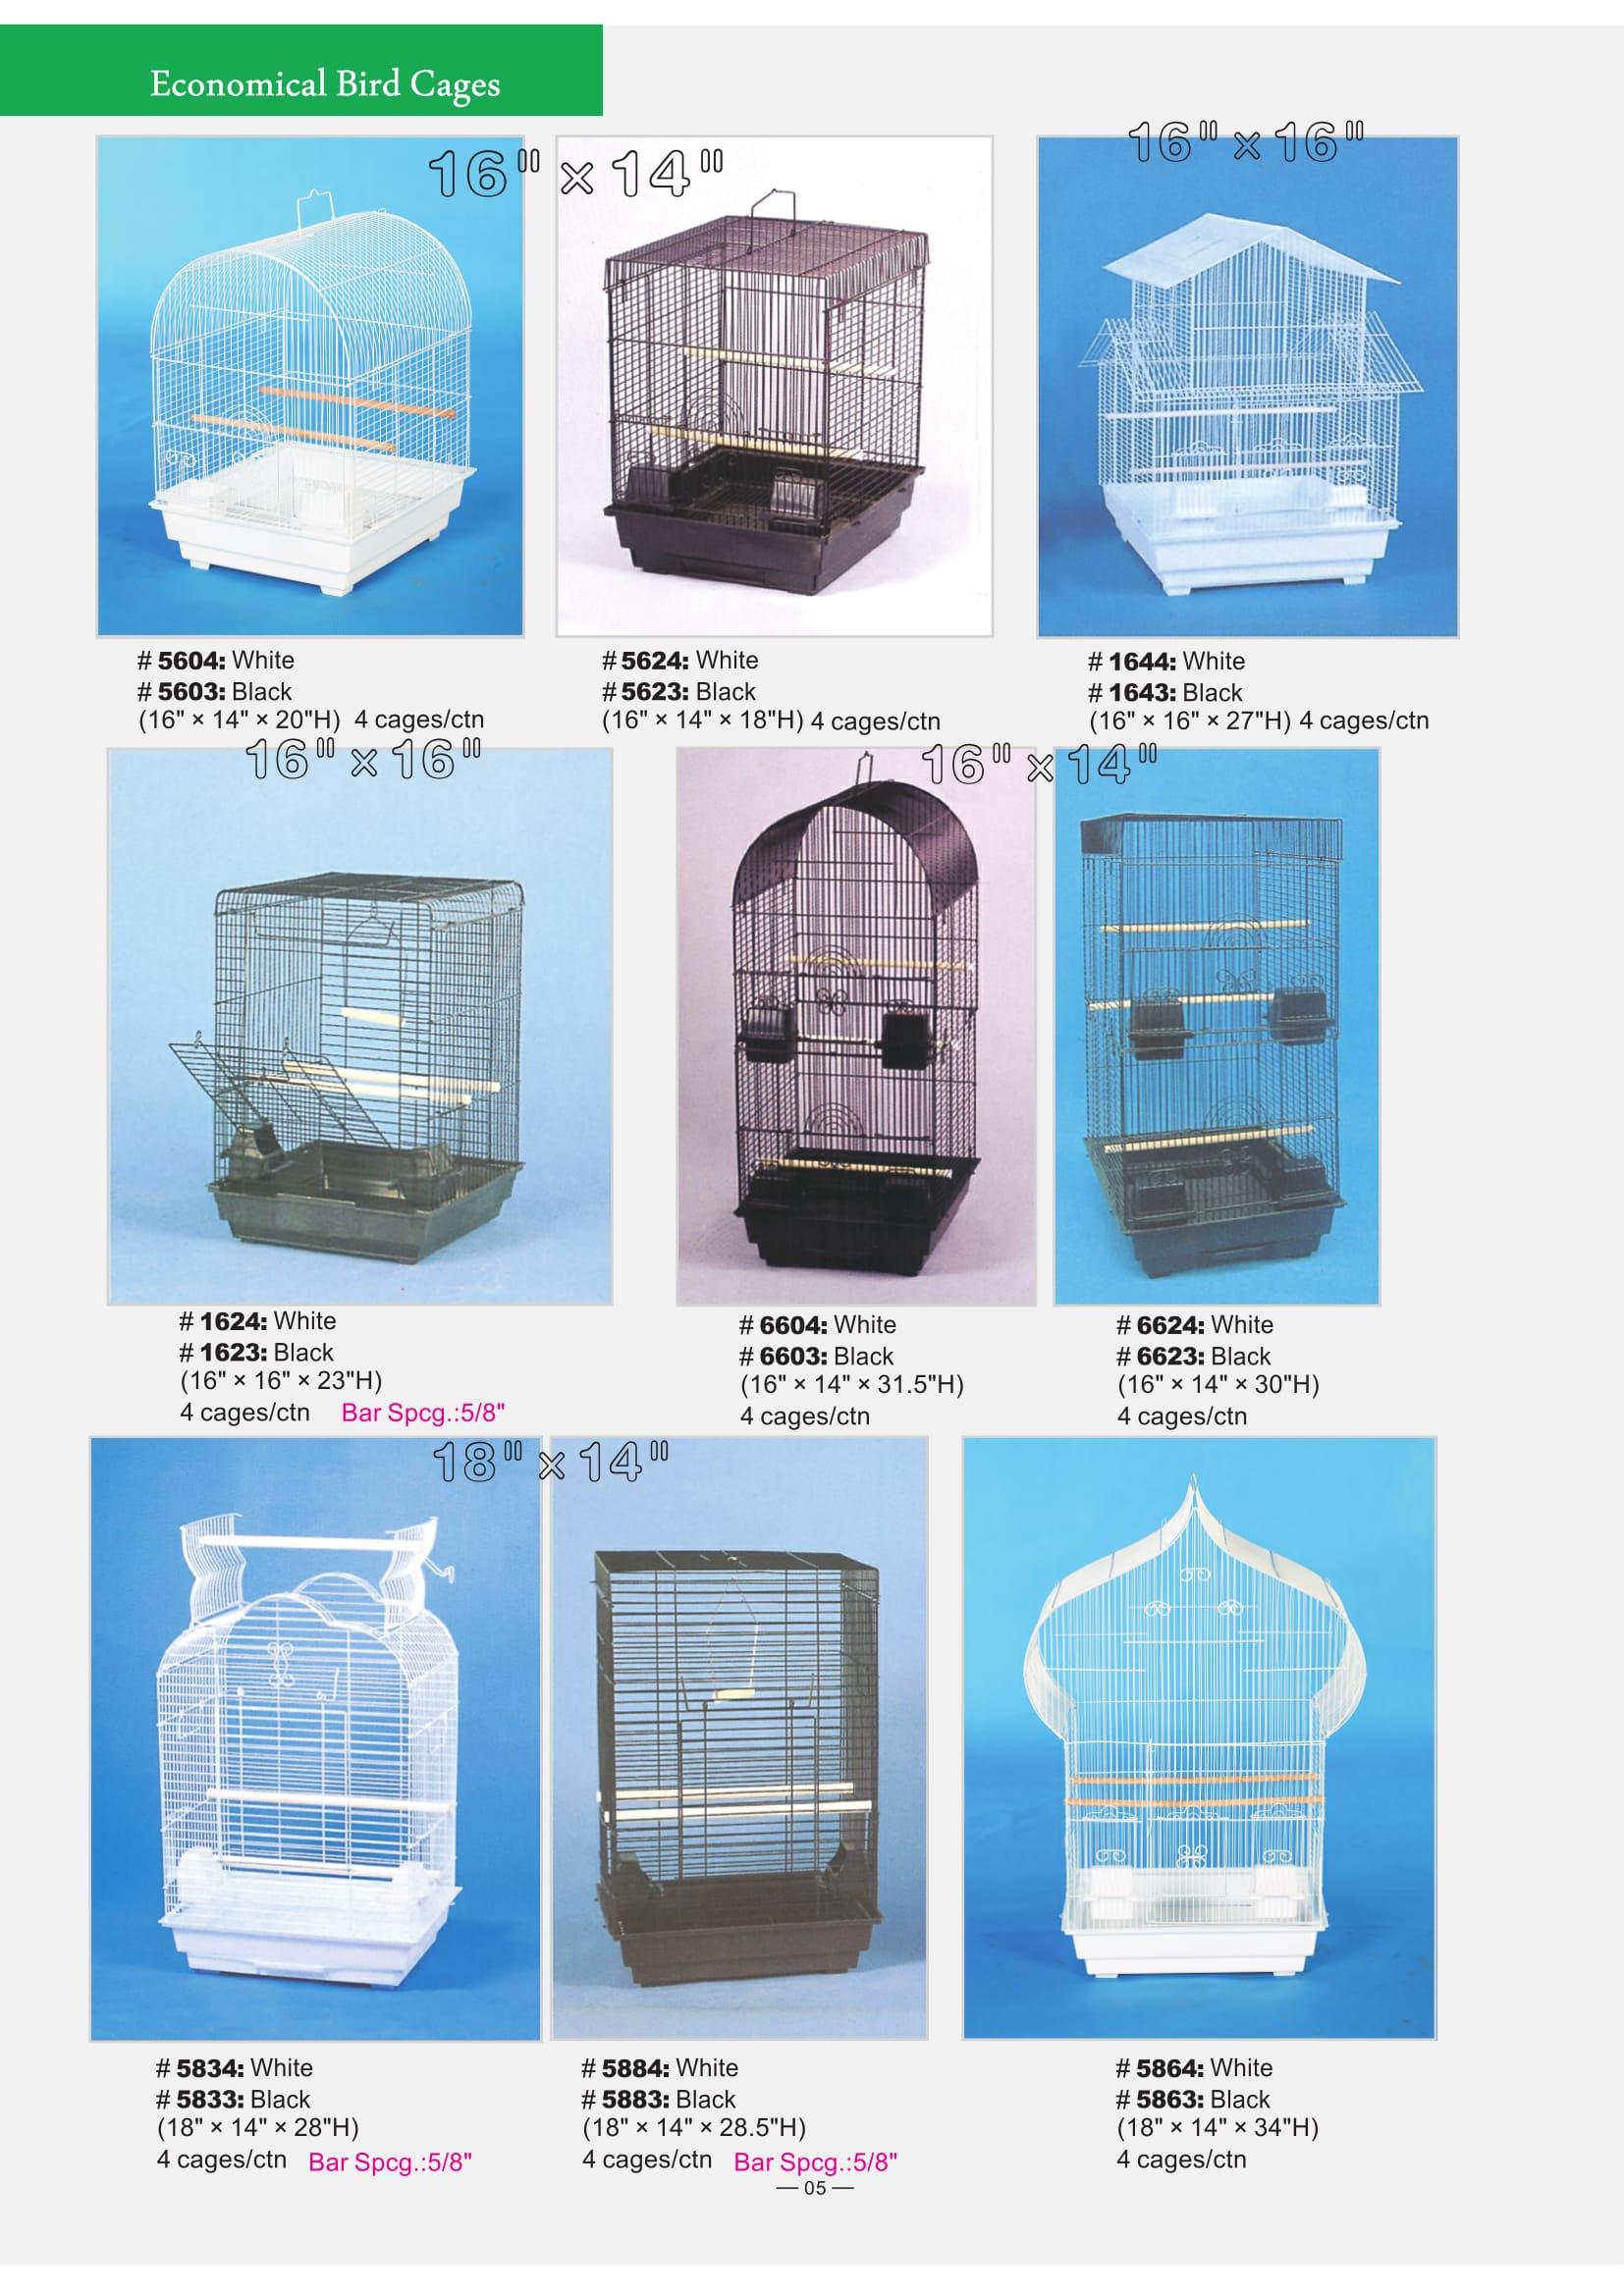 2. Economical Bird Cages part 2-2